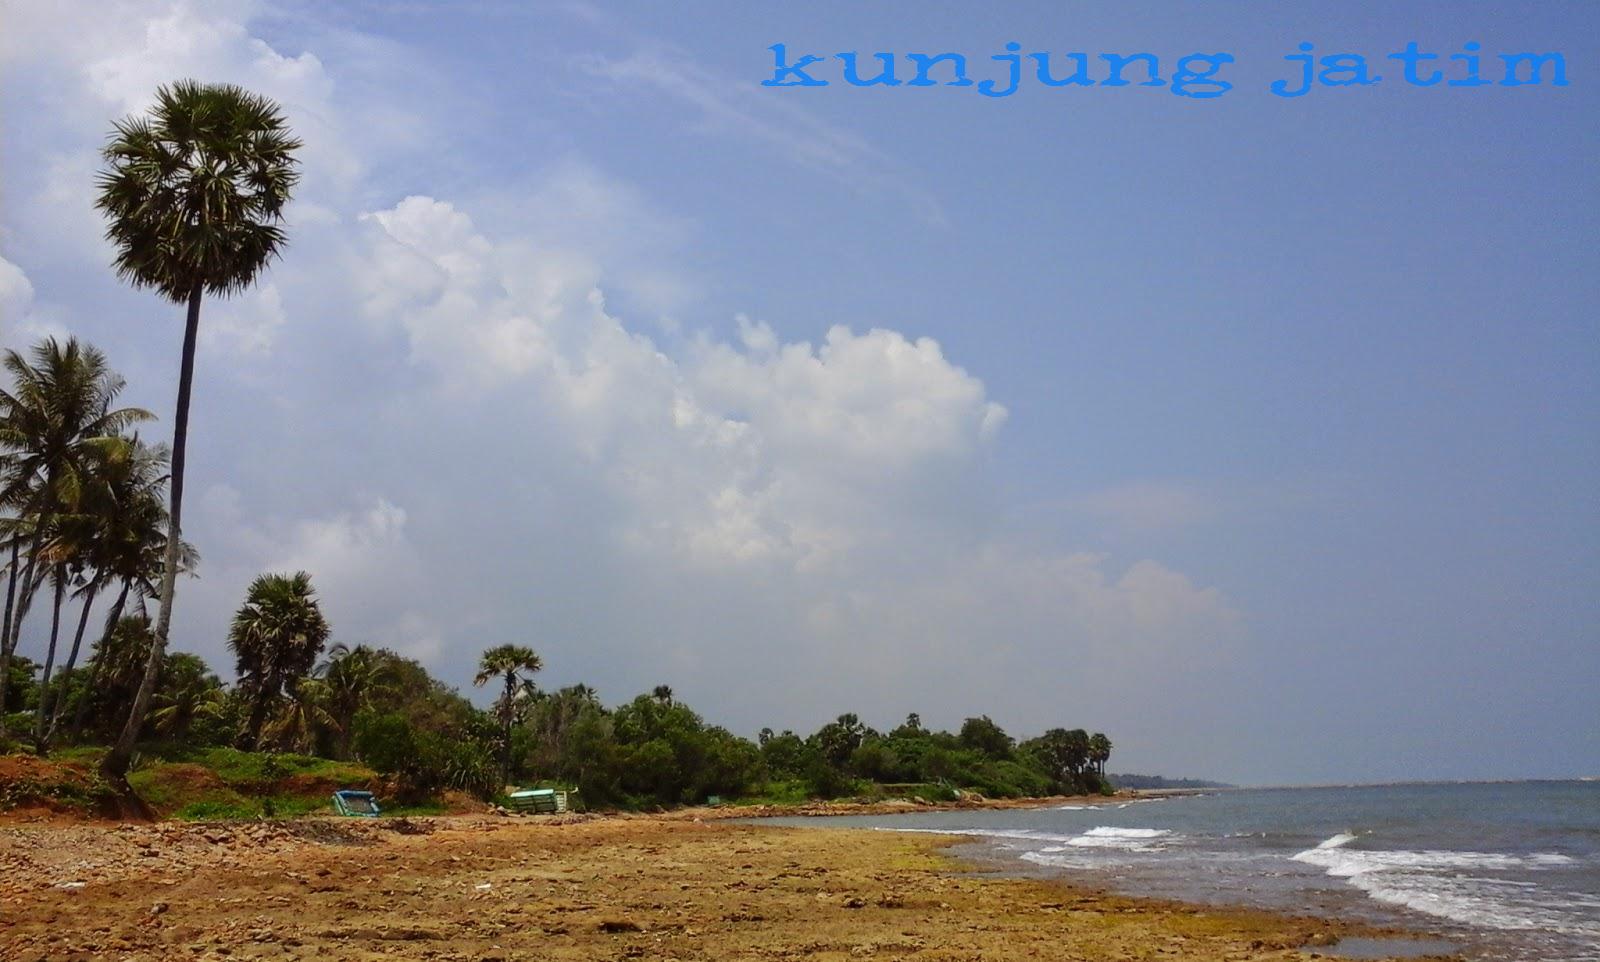 Pantai Batu Kerbuy Pamekasan Kunjung Jatim Wisata Kab